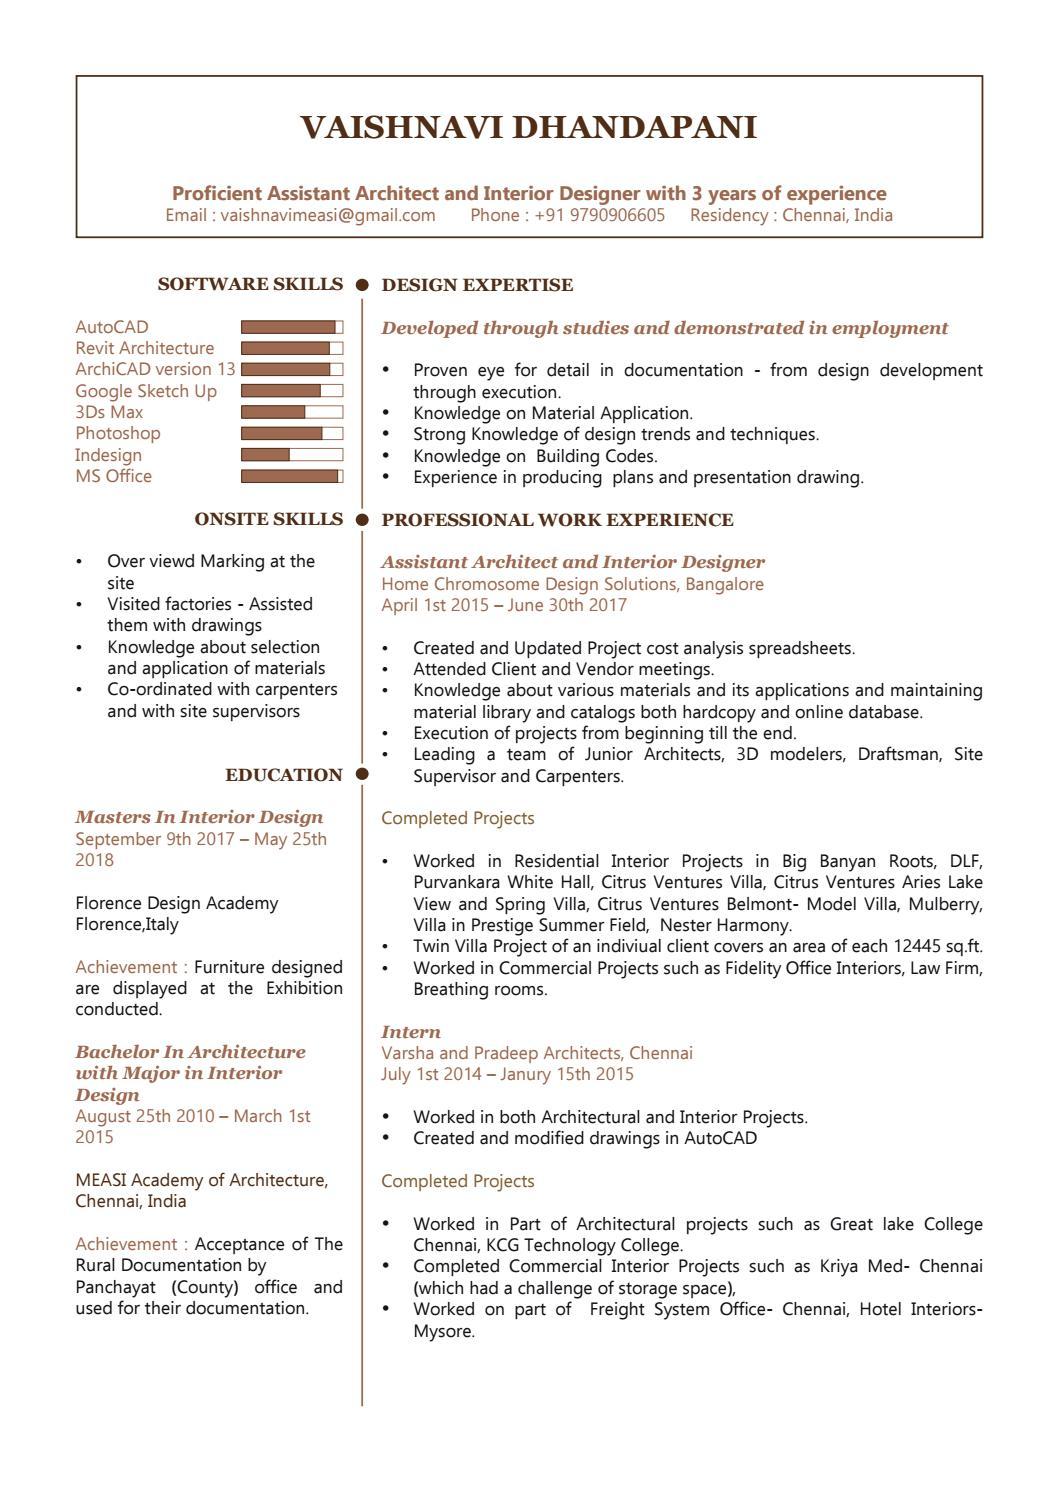 Vaishnavi Dhandapani Resume by vaishnavi d - issuu